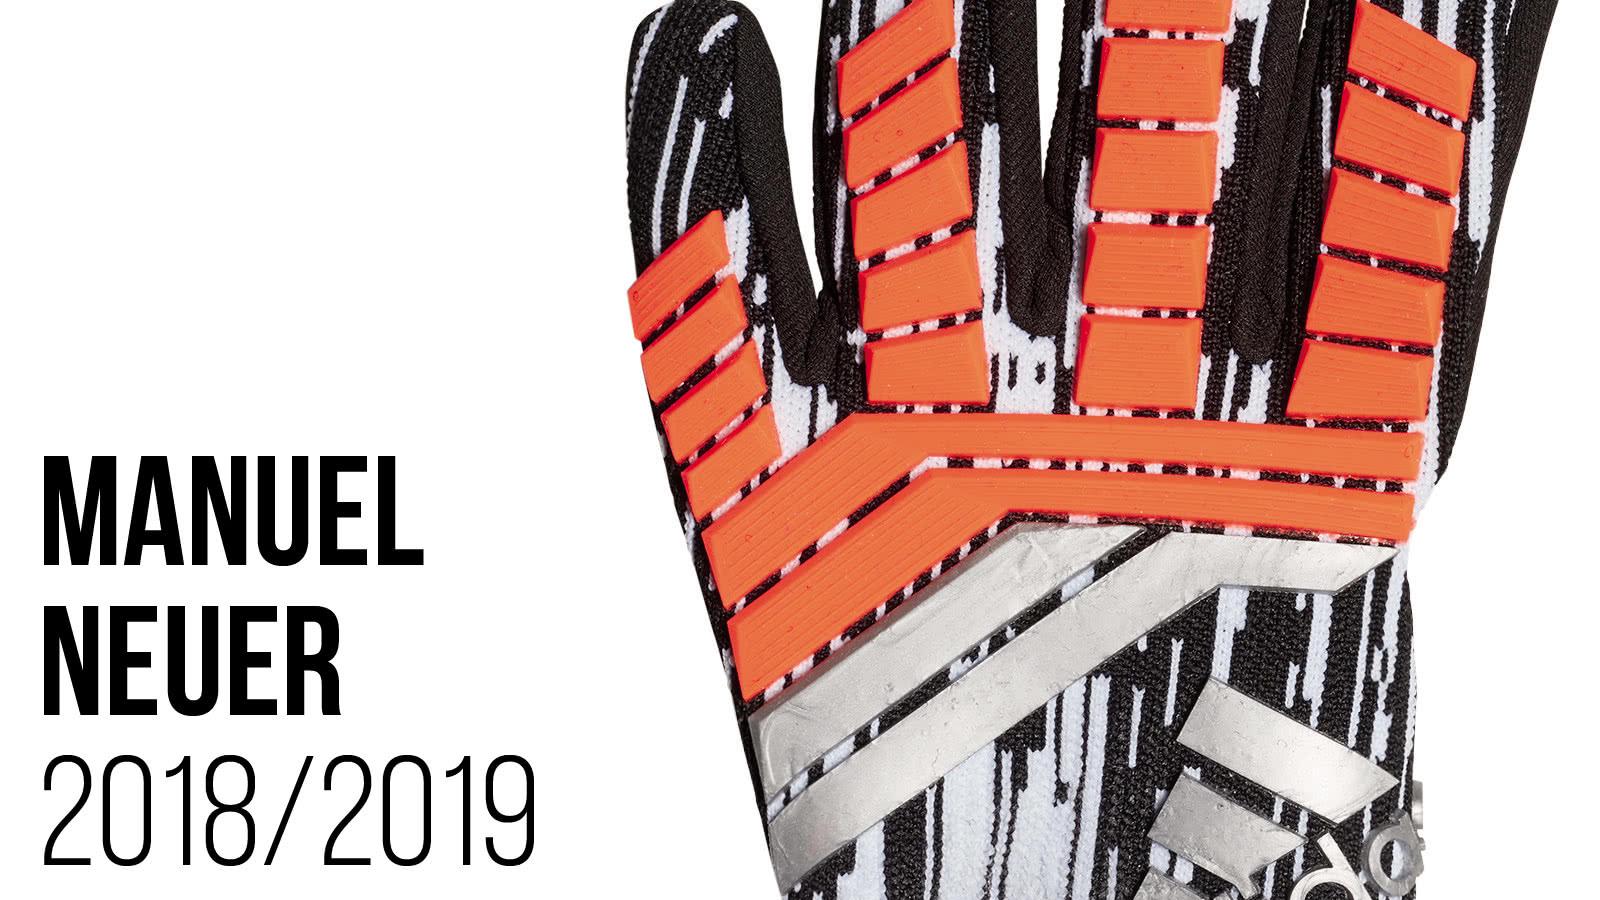 Die Manuel Neuer Torwarthandschuhe 2018/2019